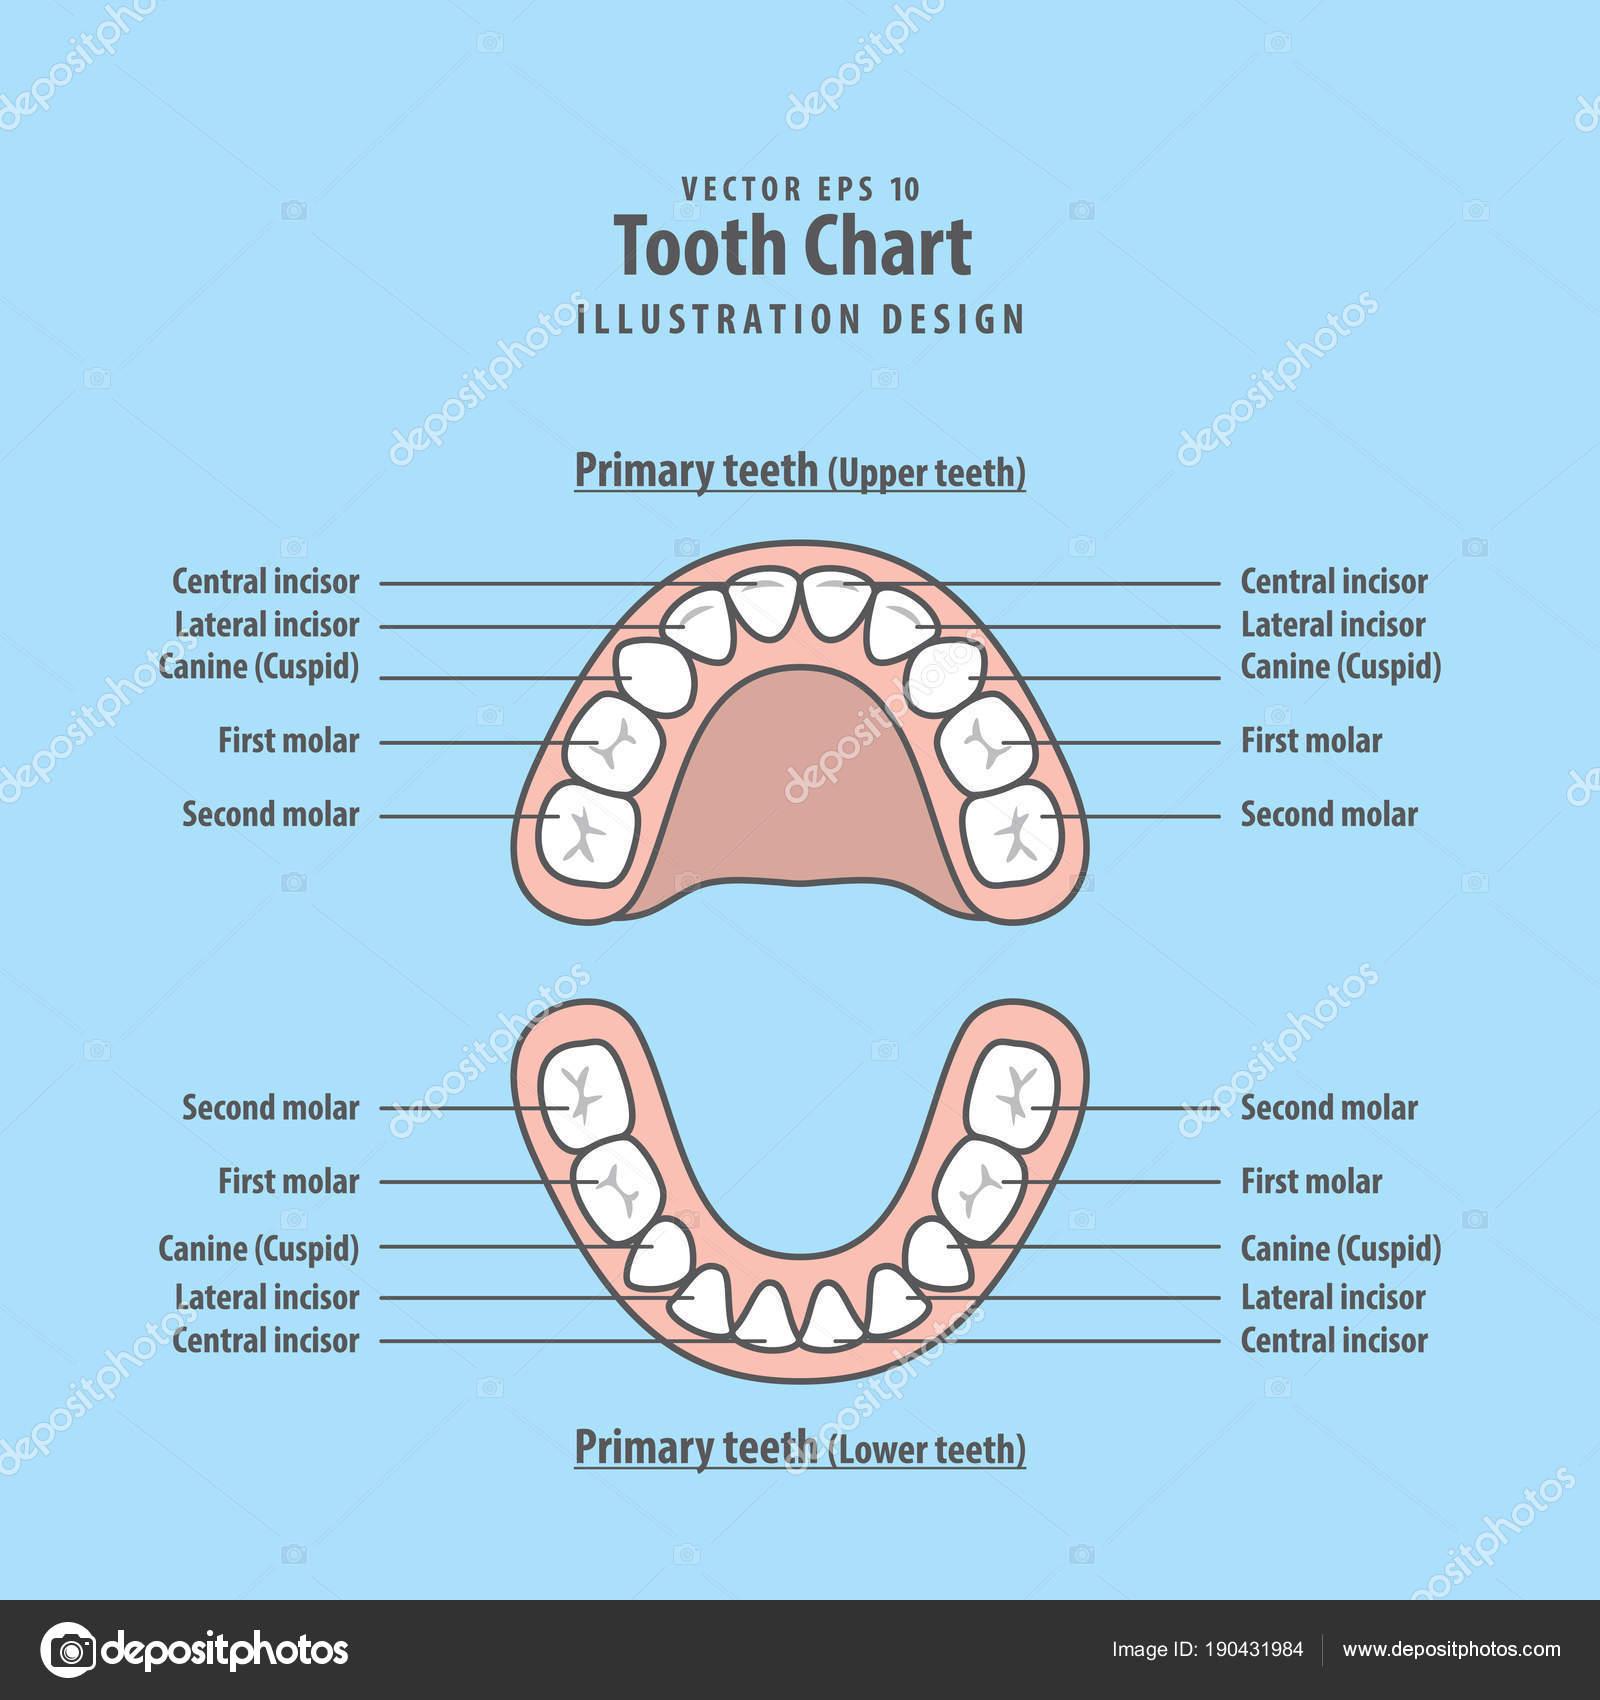 Zahn-Diagramm Milchzähne Illustration Vektor auf blauem Hintergrund ...